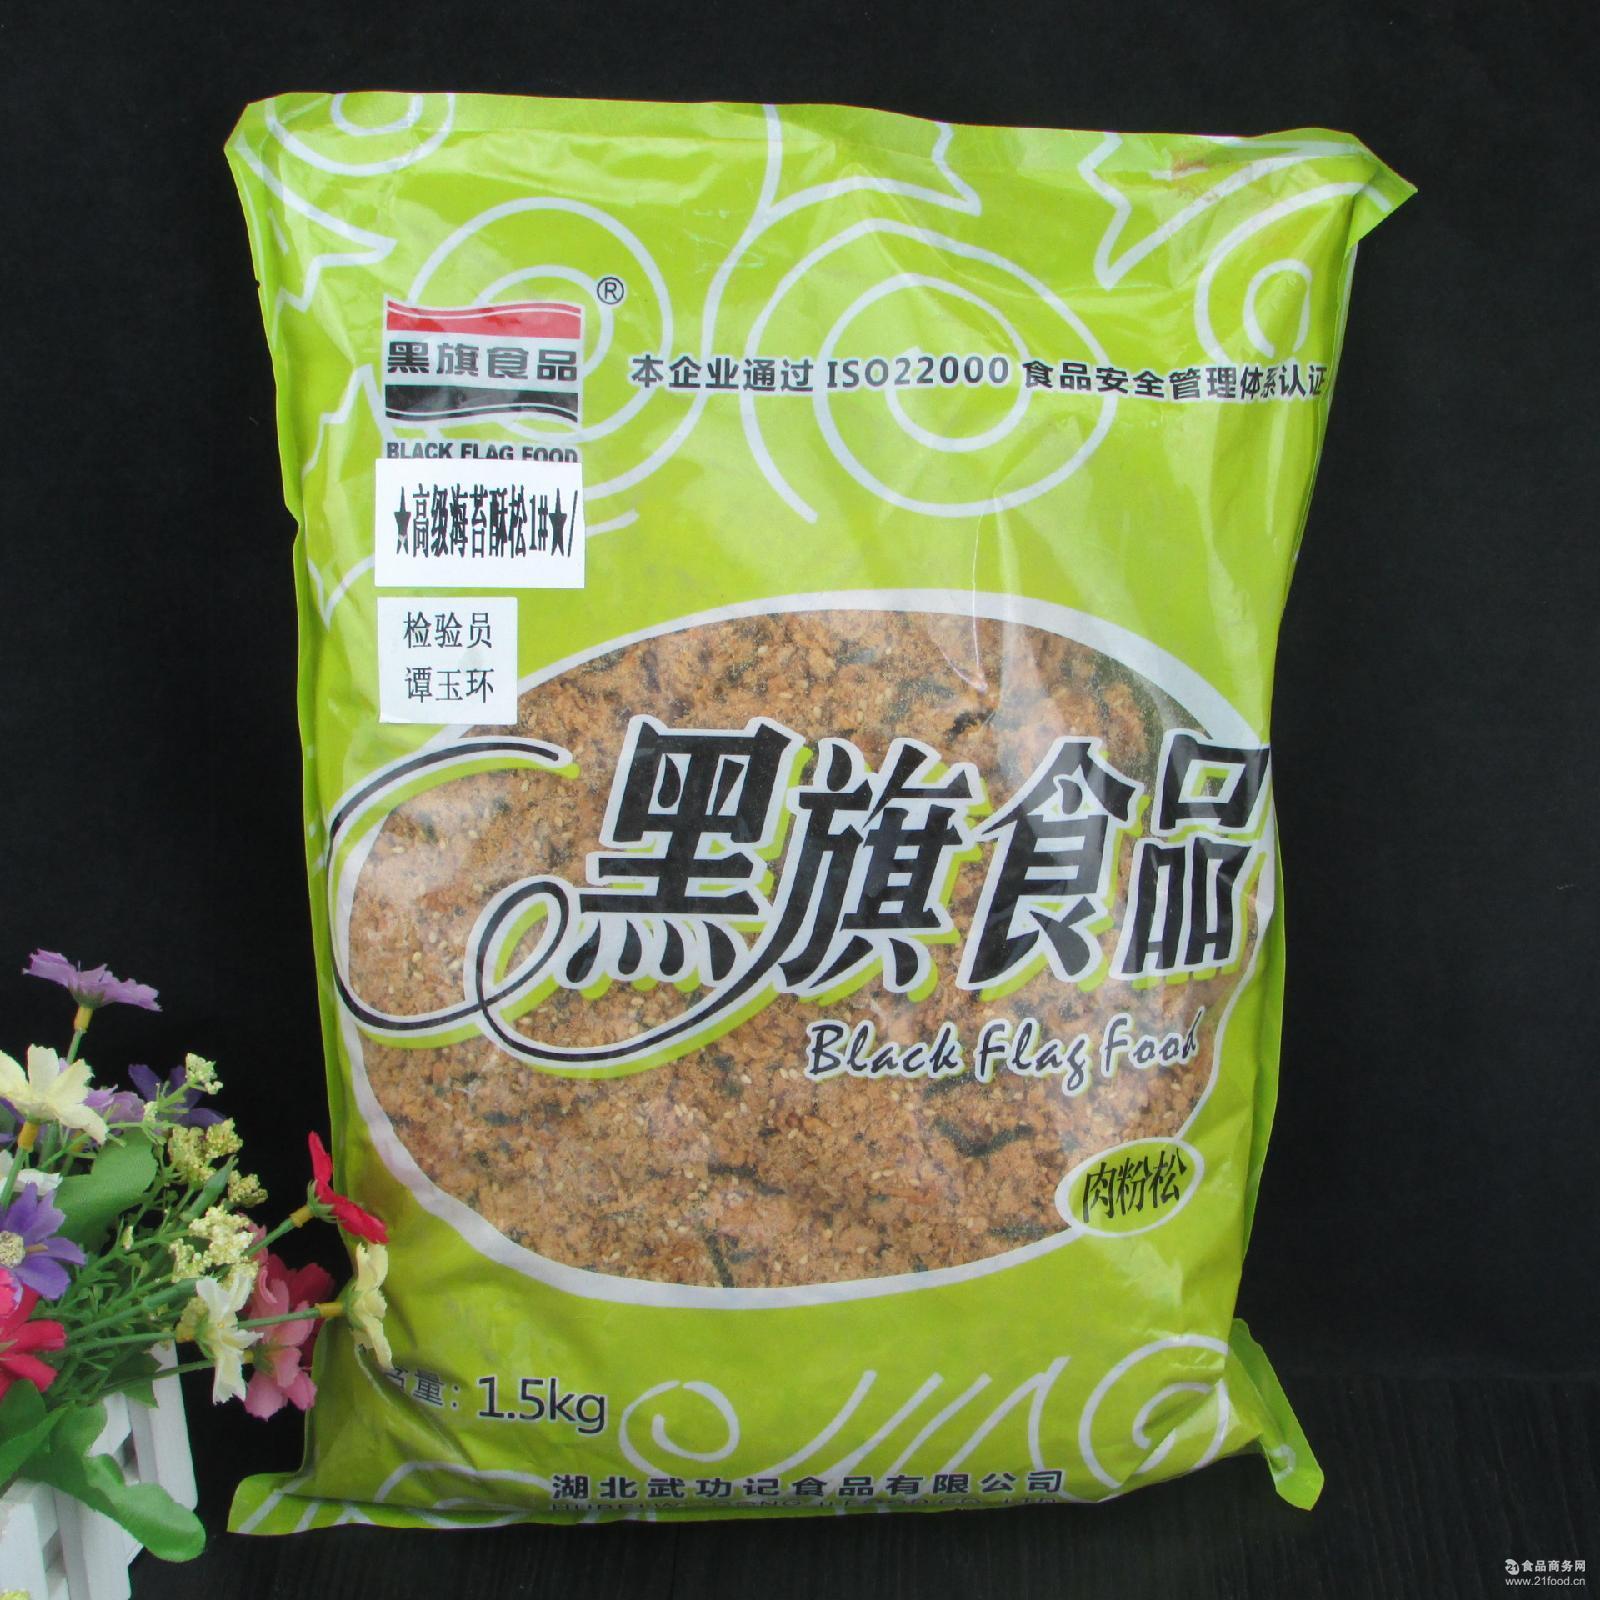 蛋糕装 西点 1.5公斤原包装 美味肉松黑旗*海苔酥松 烘焙 面包